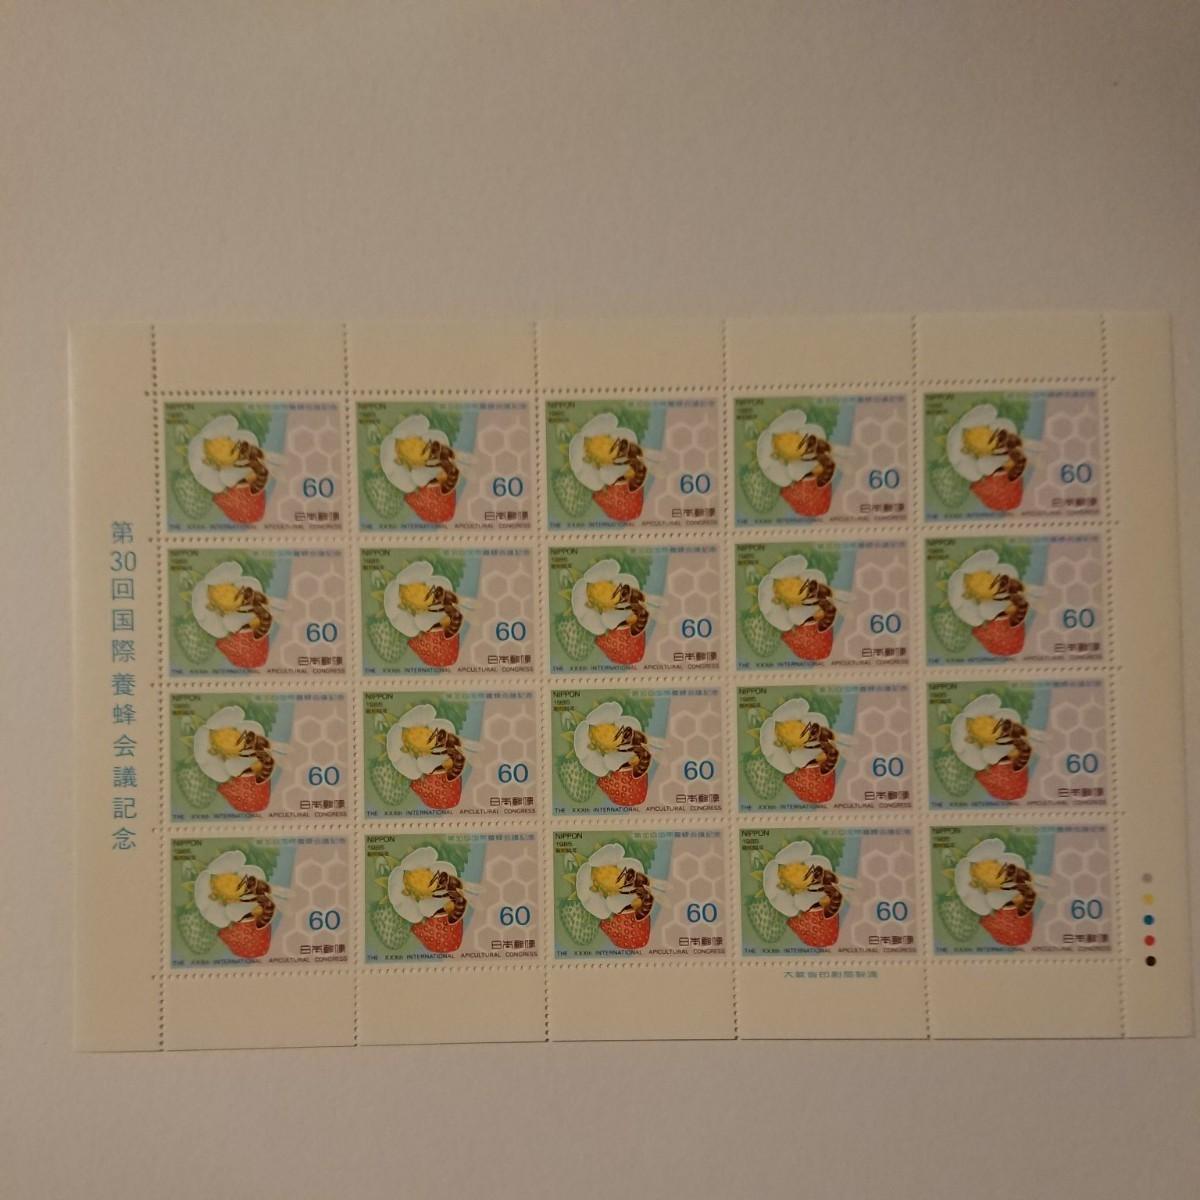 【記念切手】第30回国際養蜂会議記念@60円